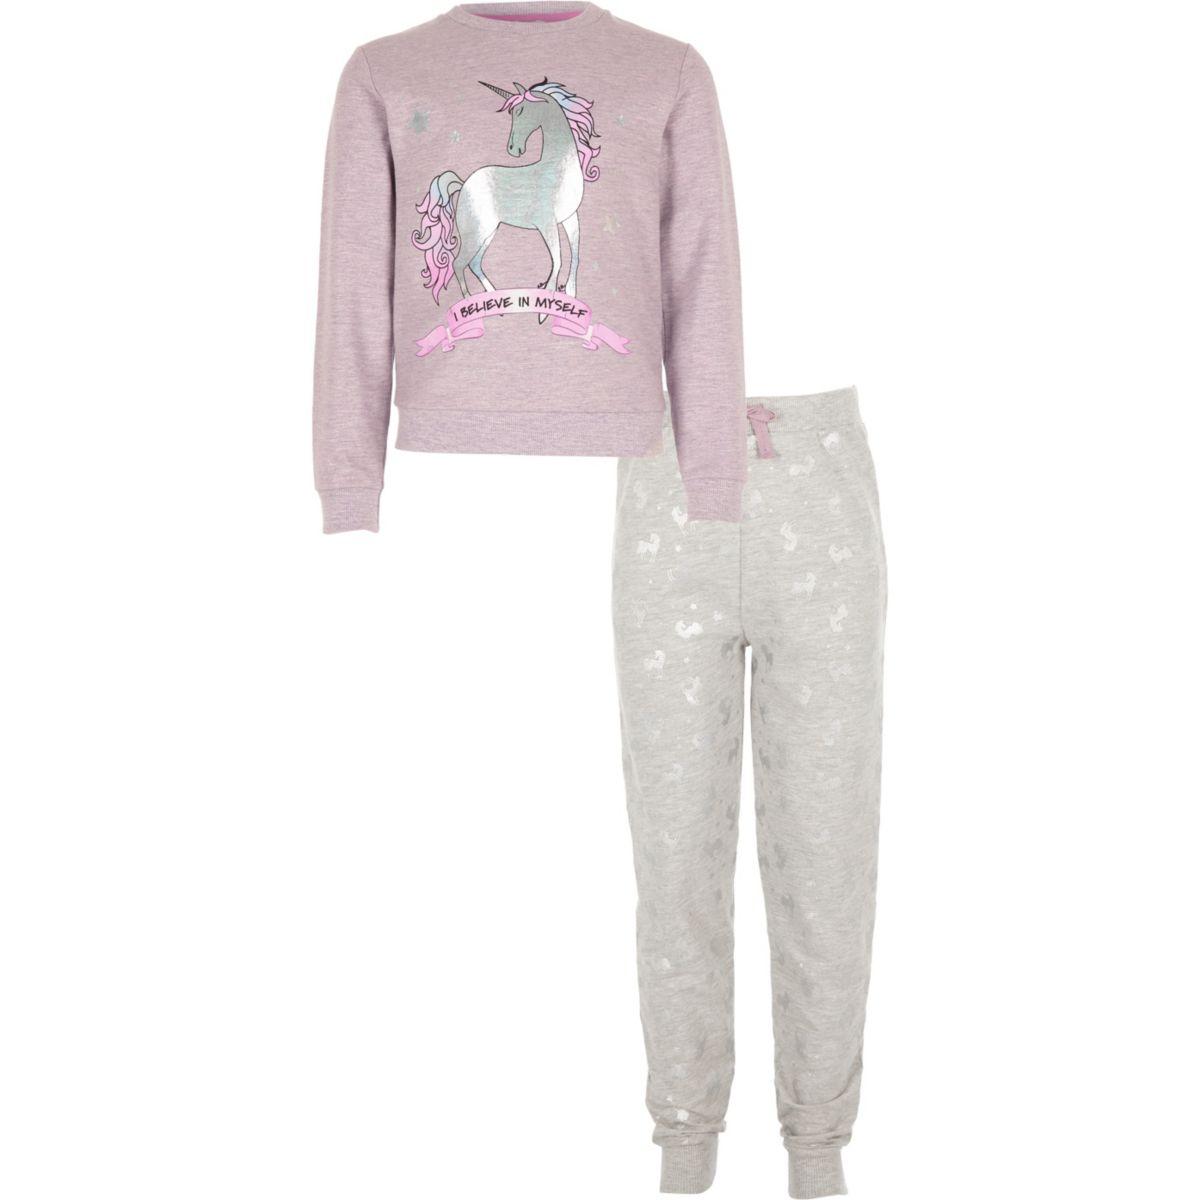 Girls purple 'I believe myself' pyjama set